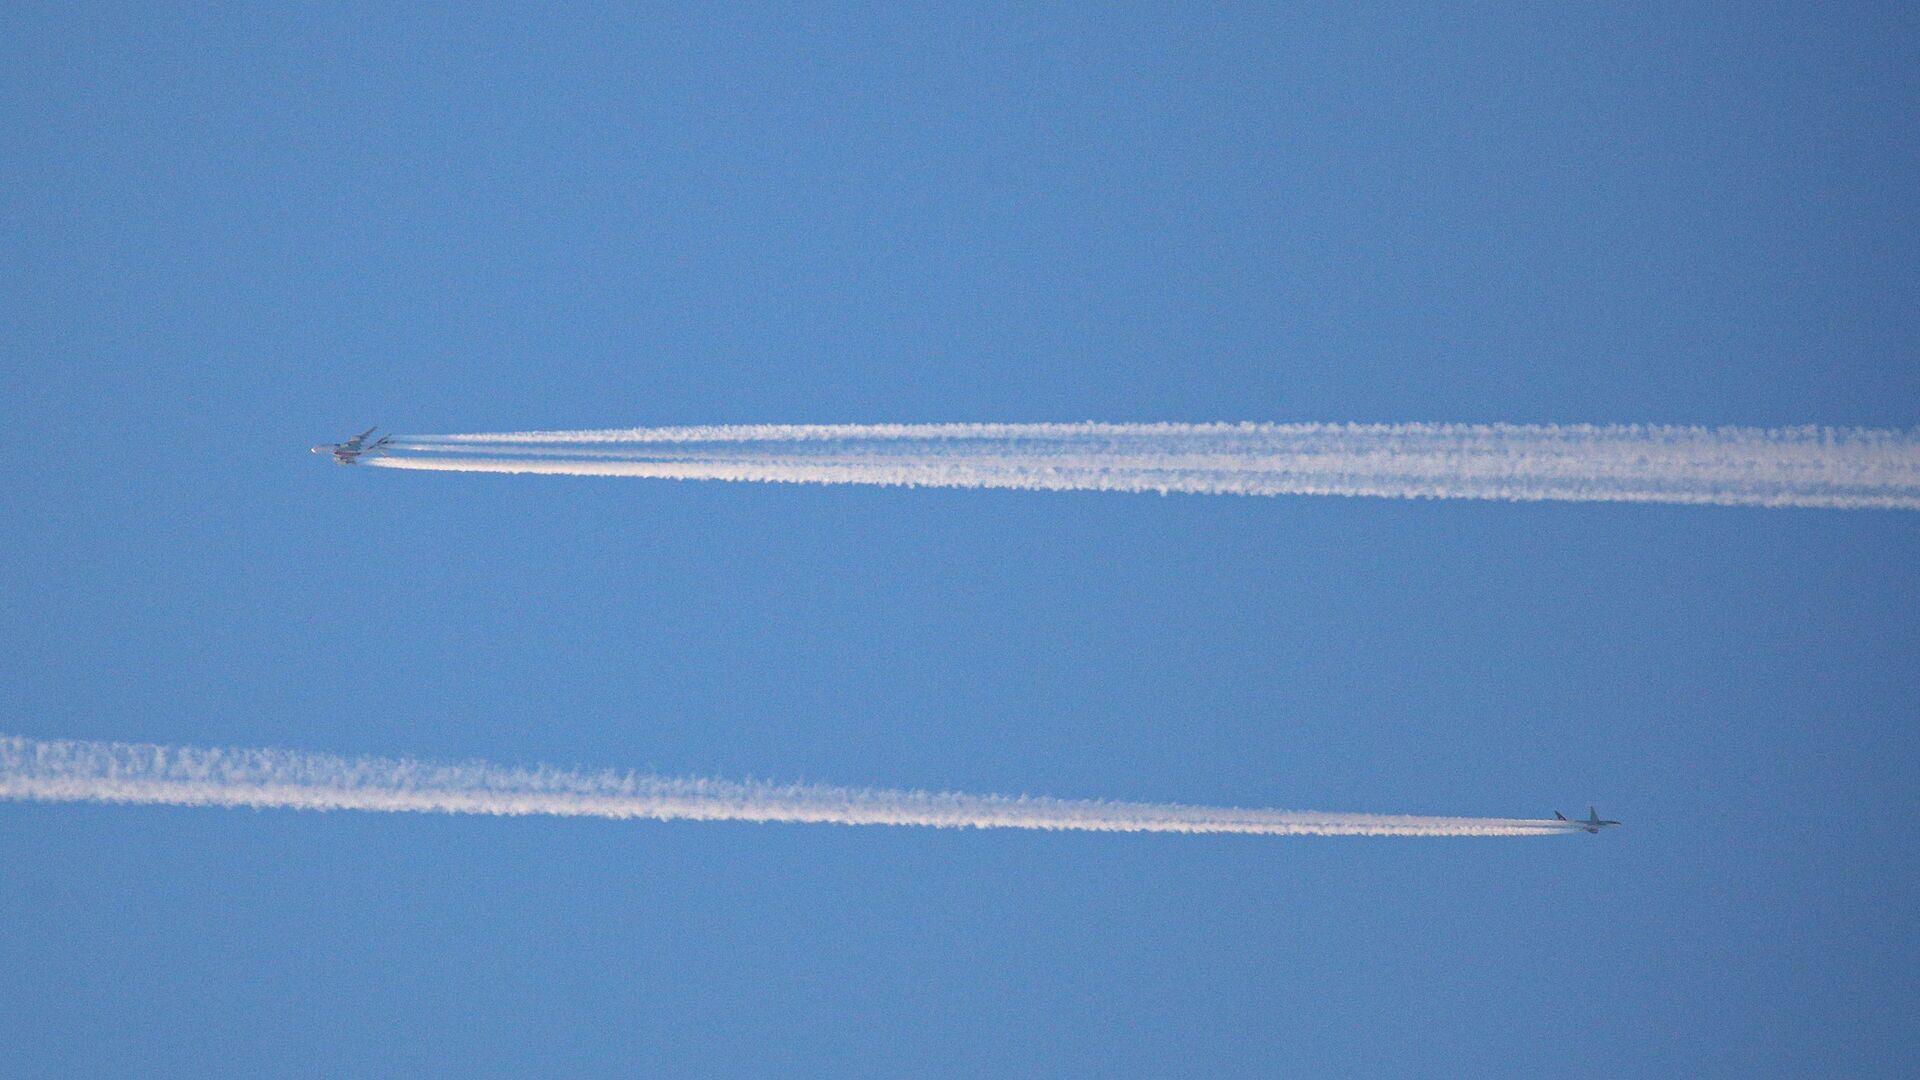 Пересечение воздушных гражданских самолетов в небе  - Sputnik Беларусь, 1920, 30.09.2021